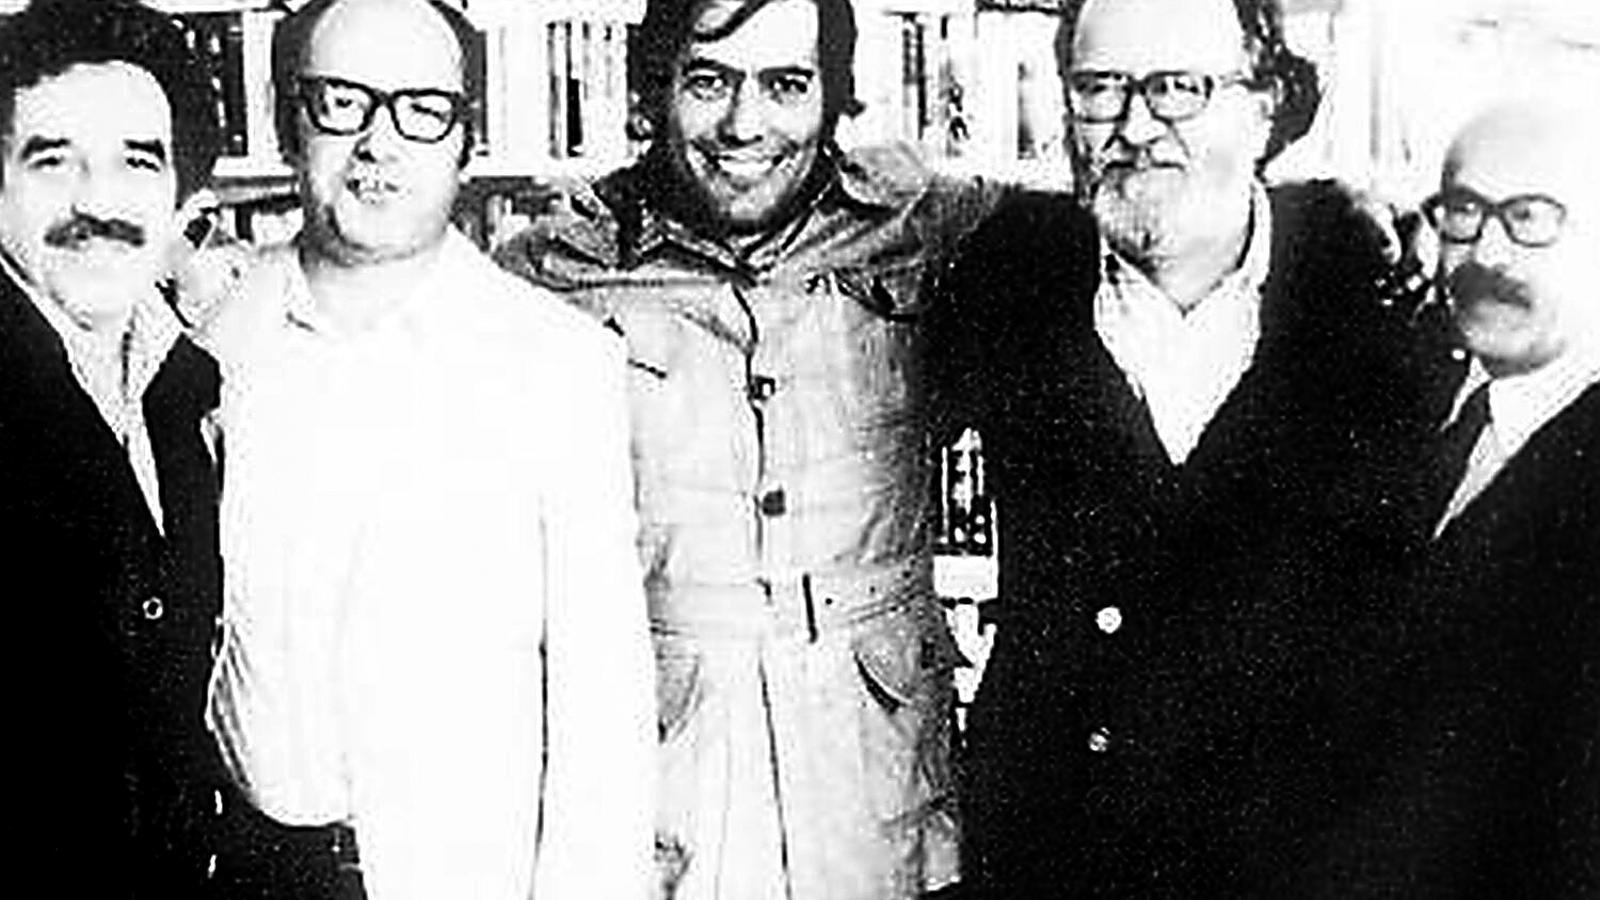 García Márquez, Vargas Llosa i Donoso, entre d'altres. El boom era proper a Mallorca